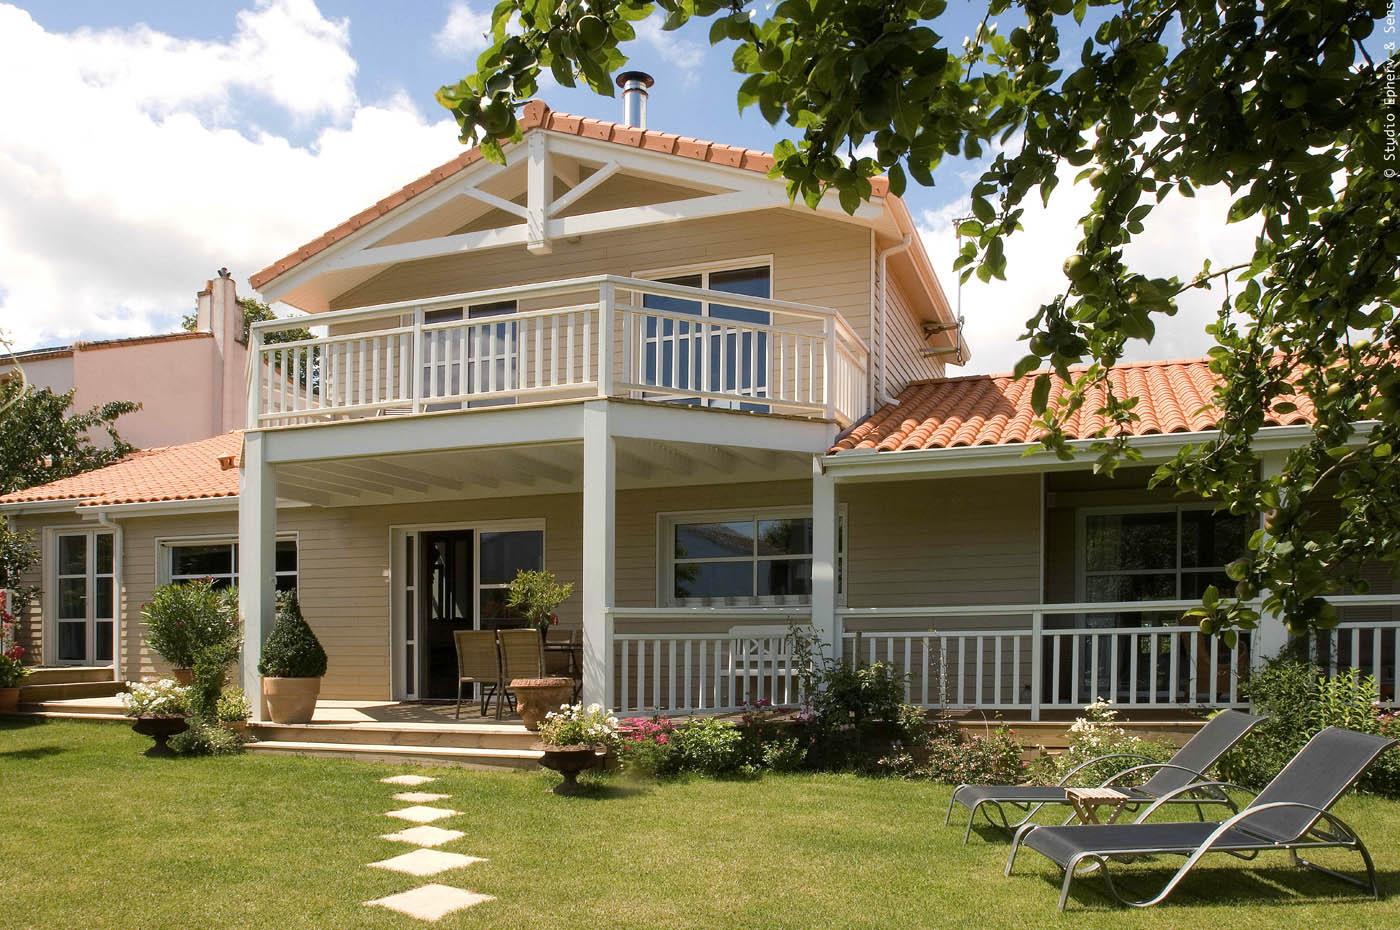 Maison avec balcon terrasse bruges t en tres bon etat de for Maison avec balcon